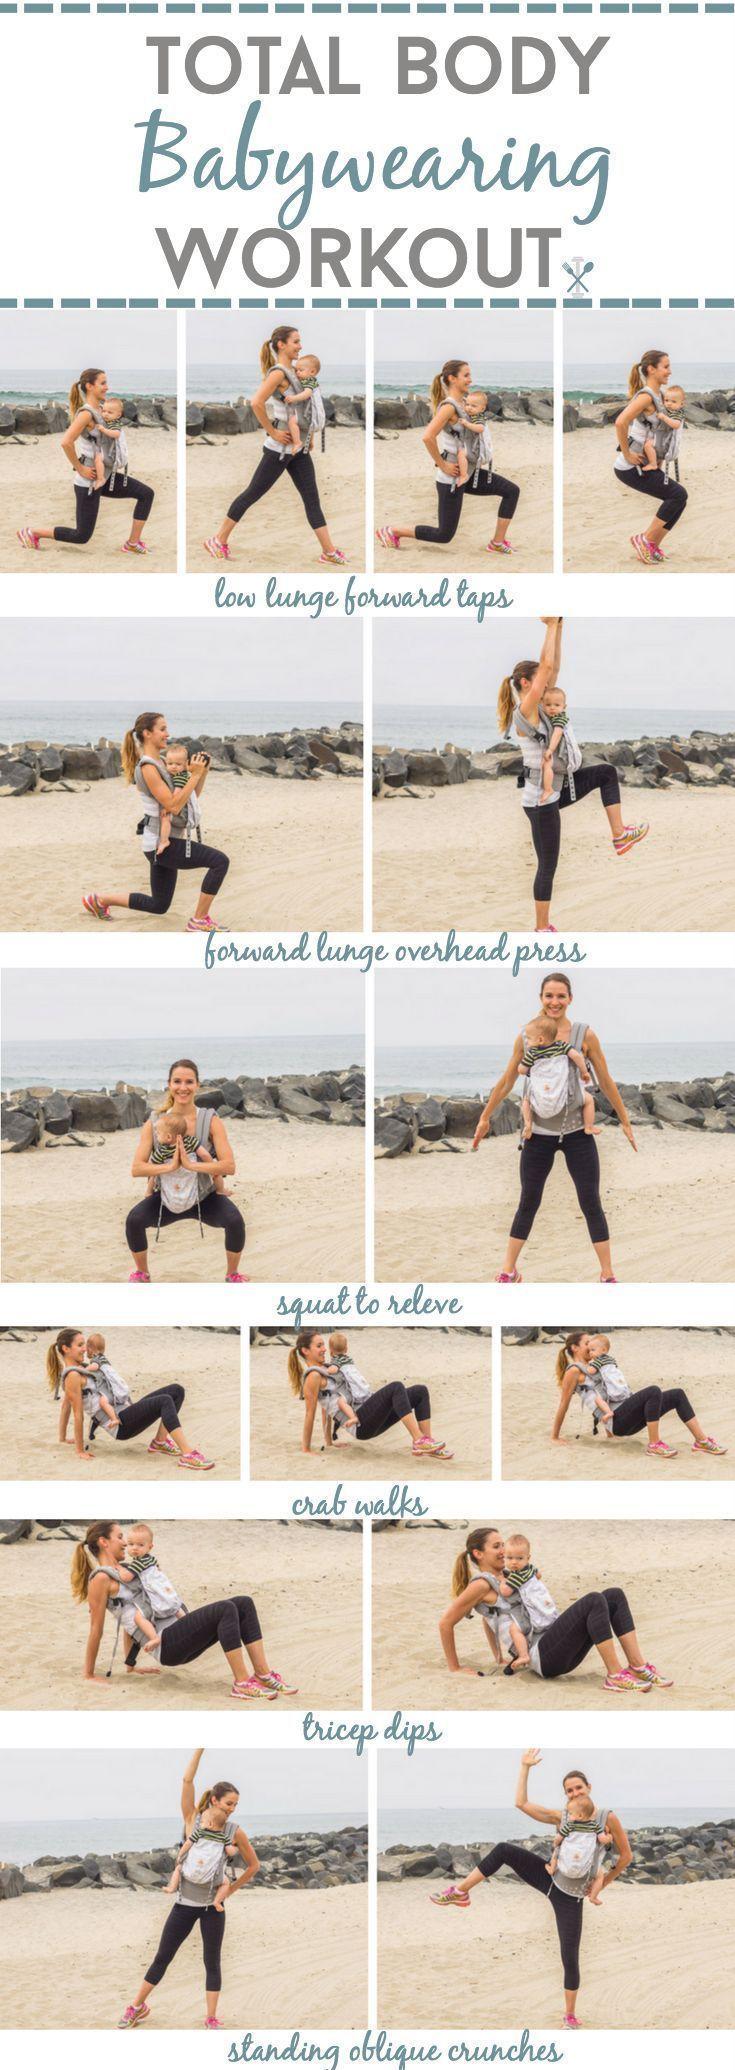 Total Body Babywearing Workout - #Babywearing #Body #Total #working #Workout #babykidclothesandideas